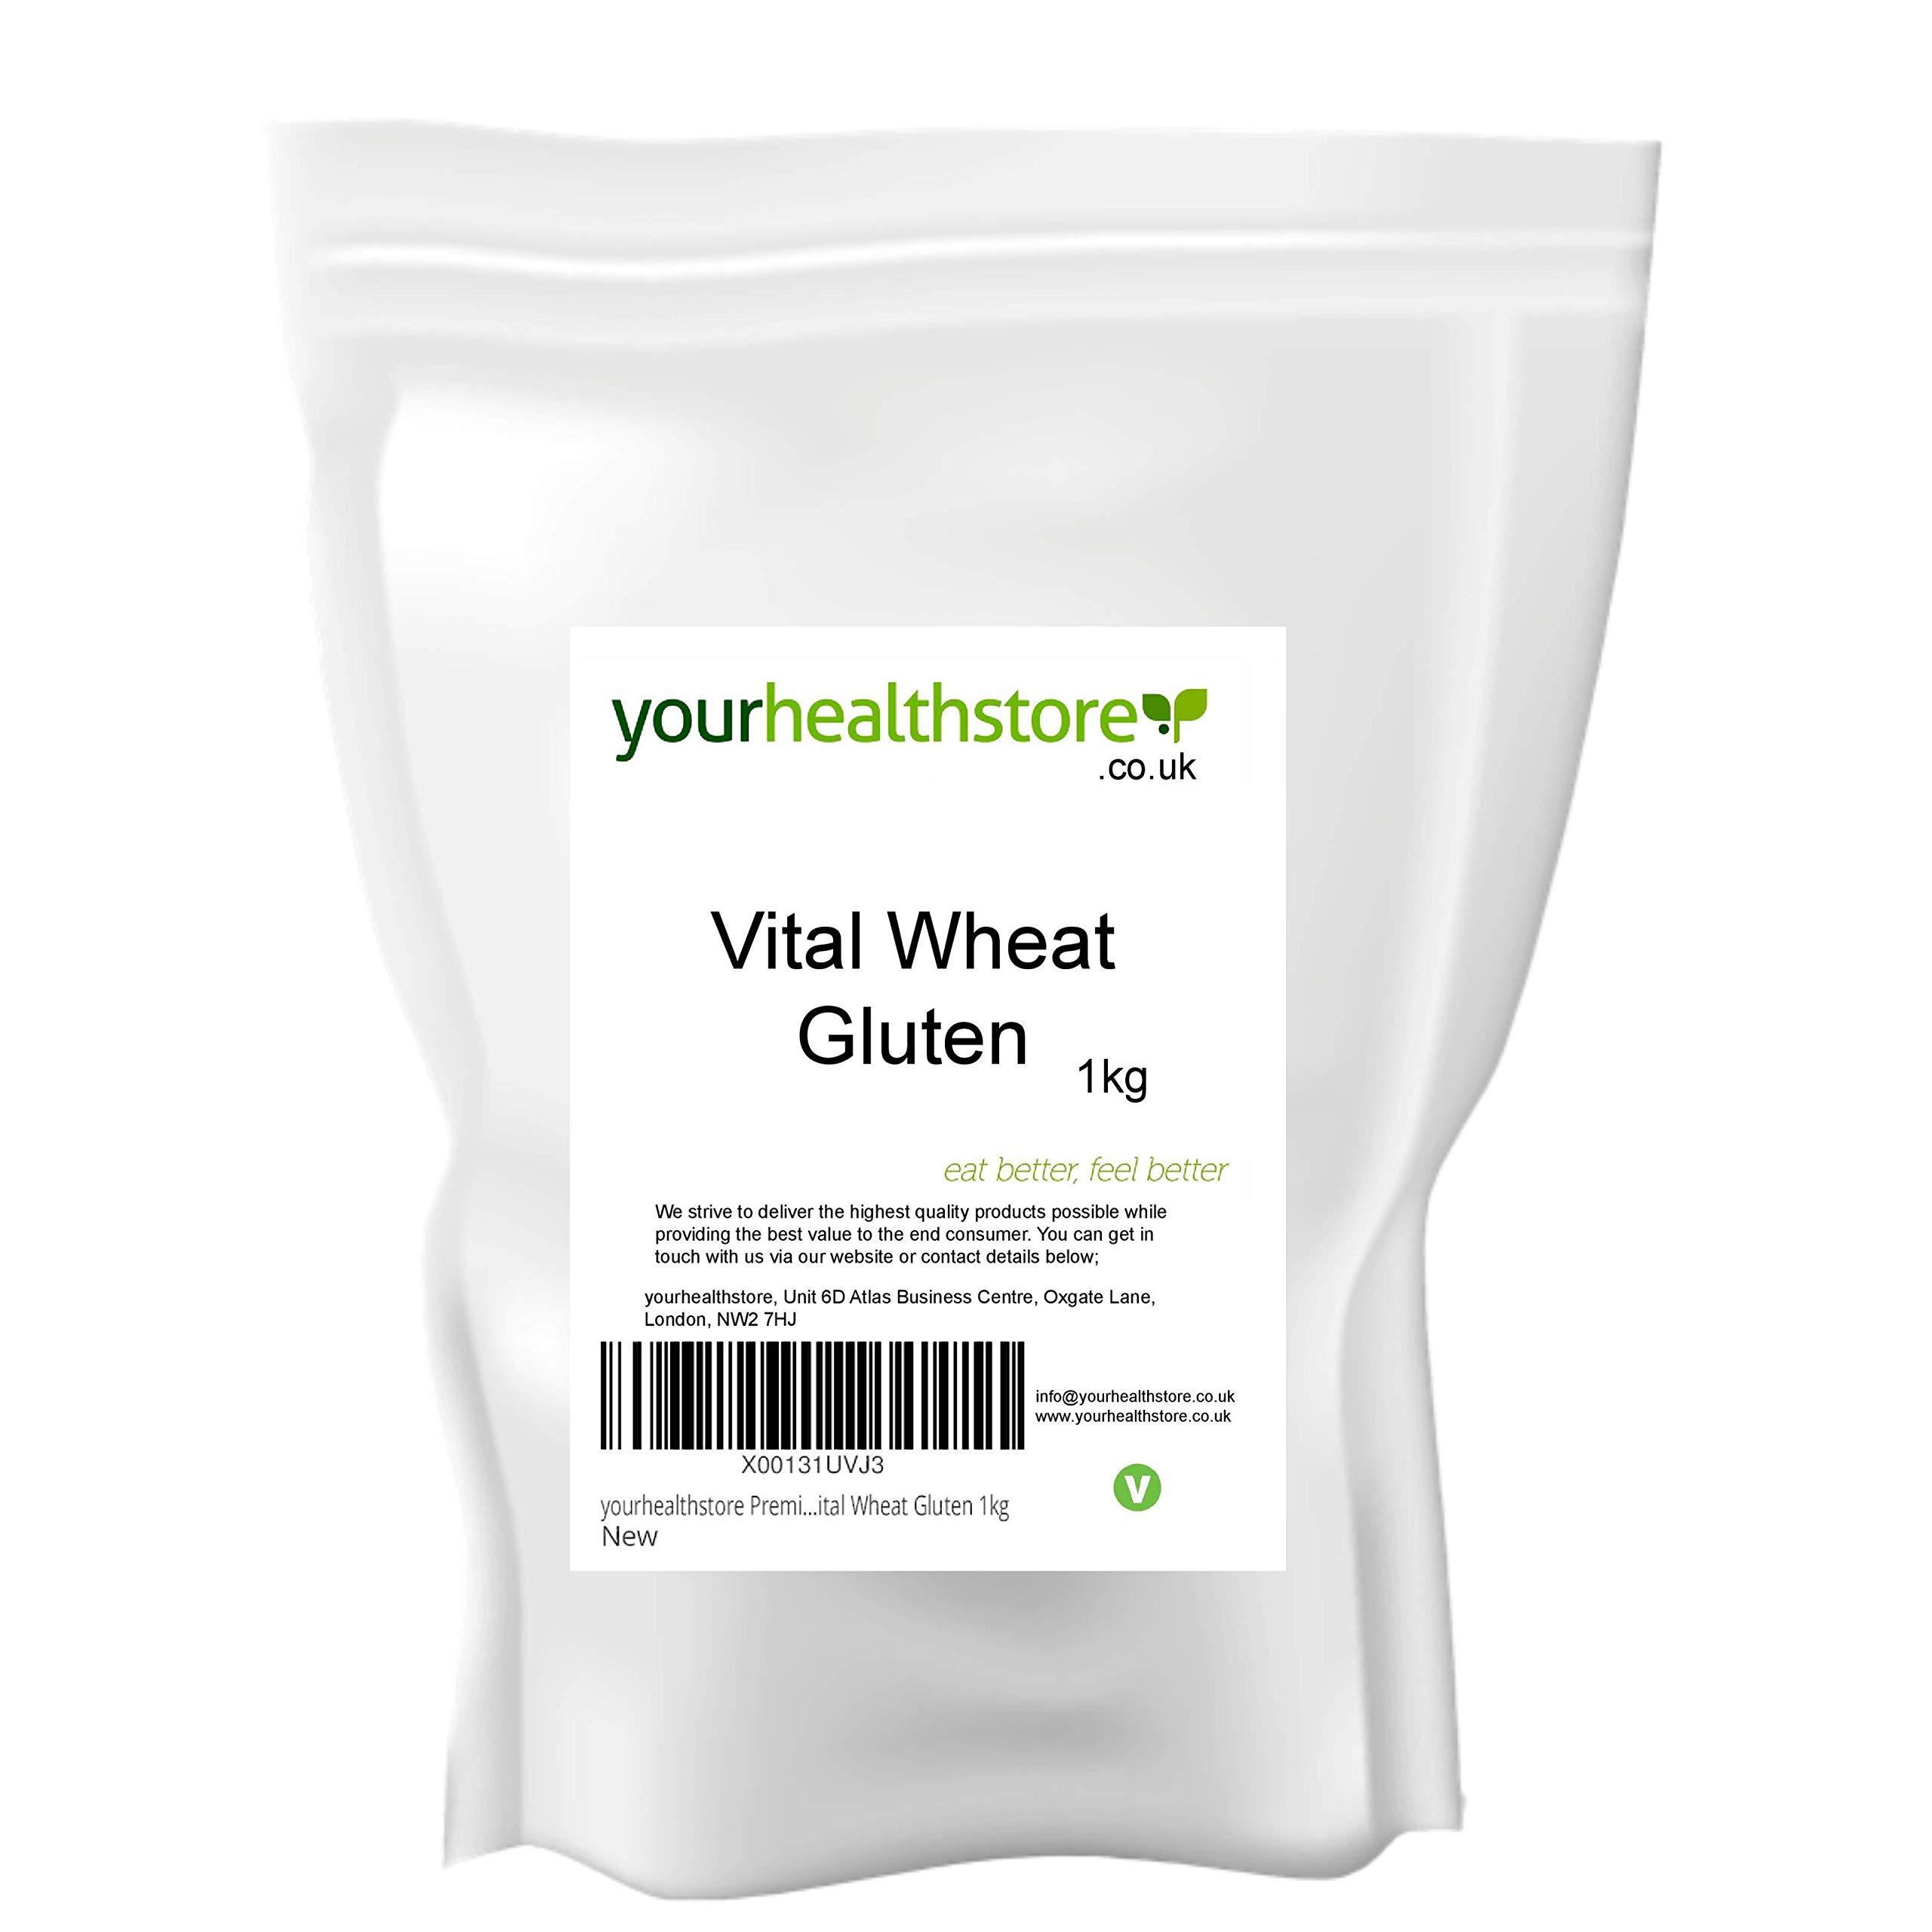 yourhealthstore® Premium Vital Wheat Gluten Flour 1kg, 87.5% Protein, Non GMO, Vegan (Recyclable Pouch)